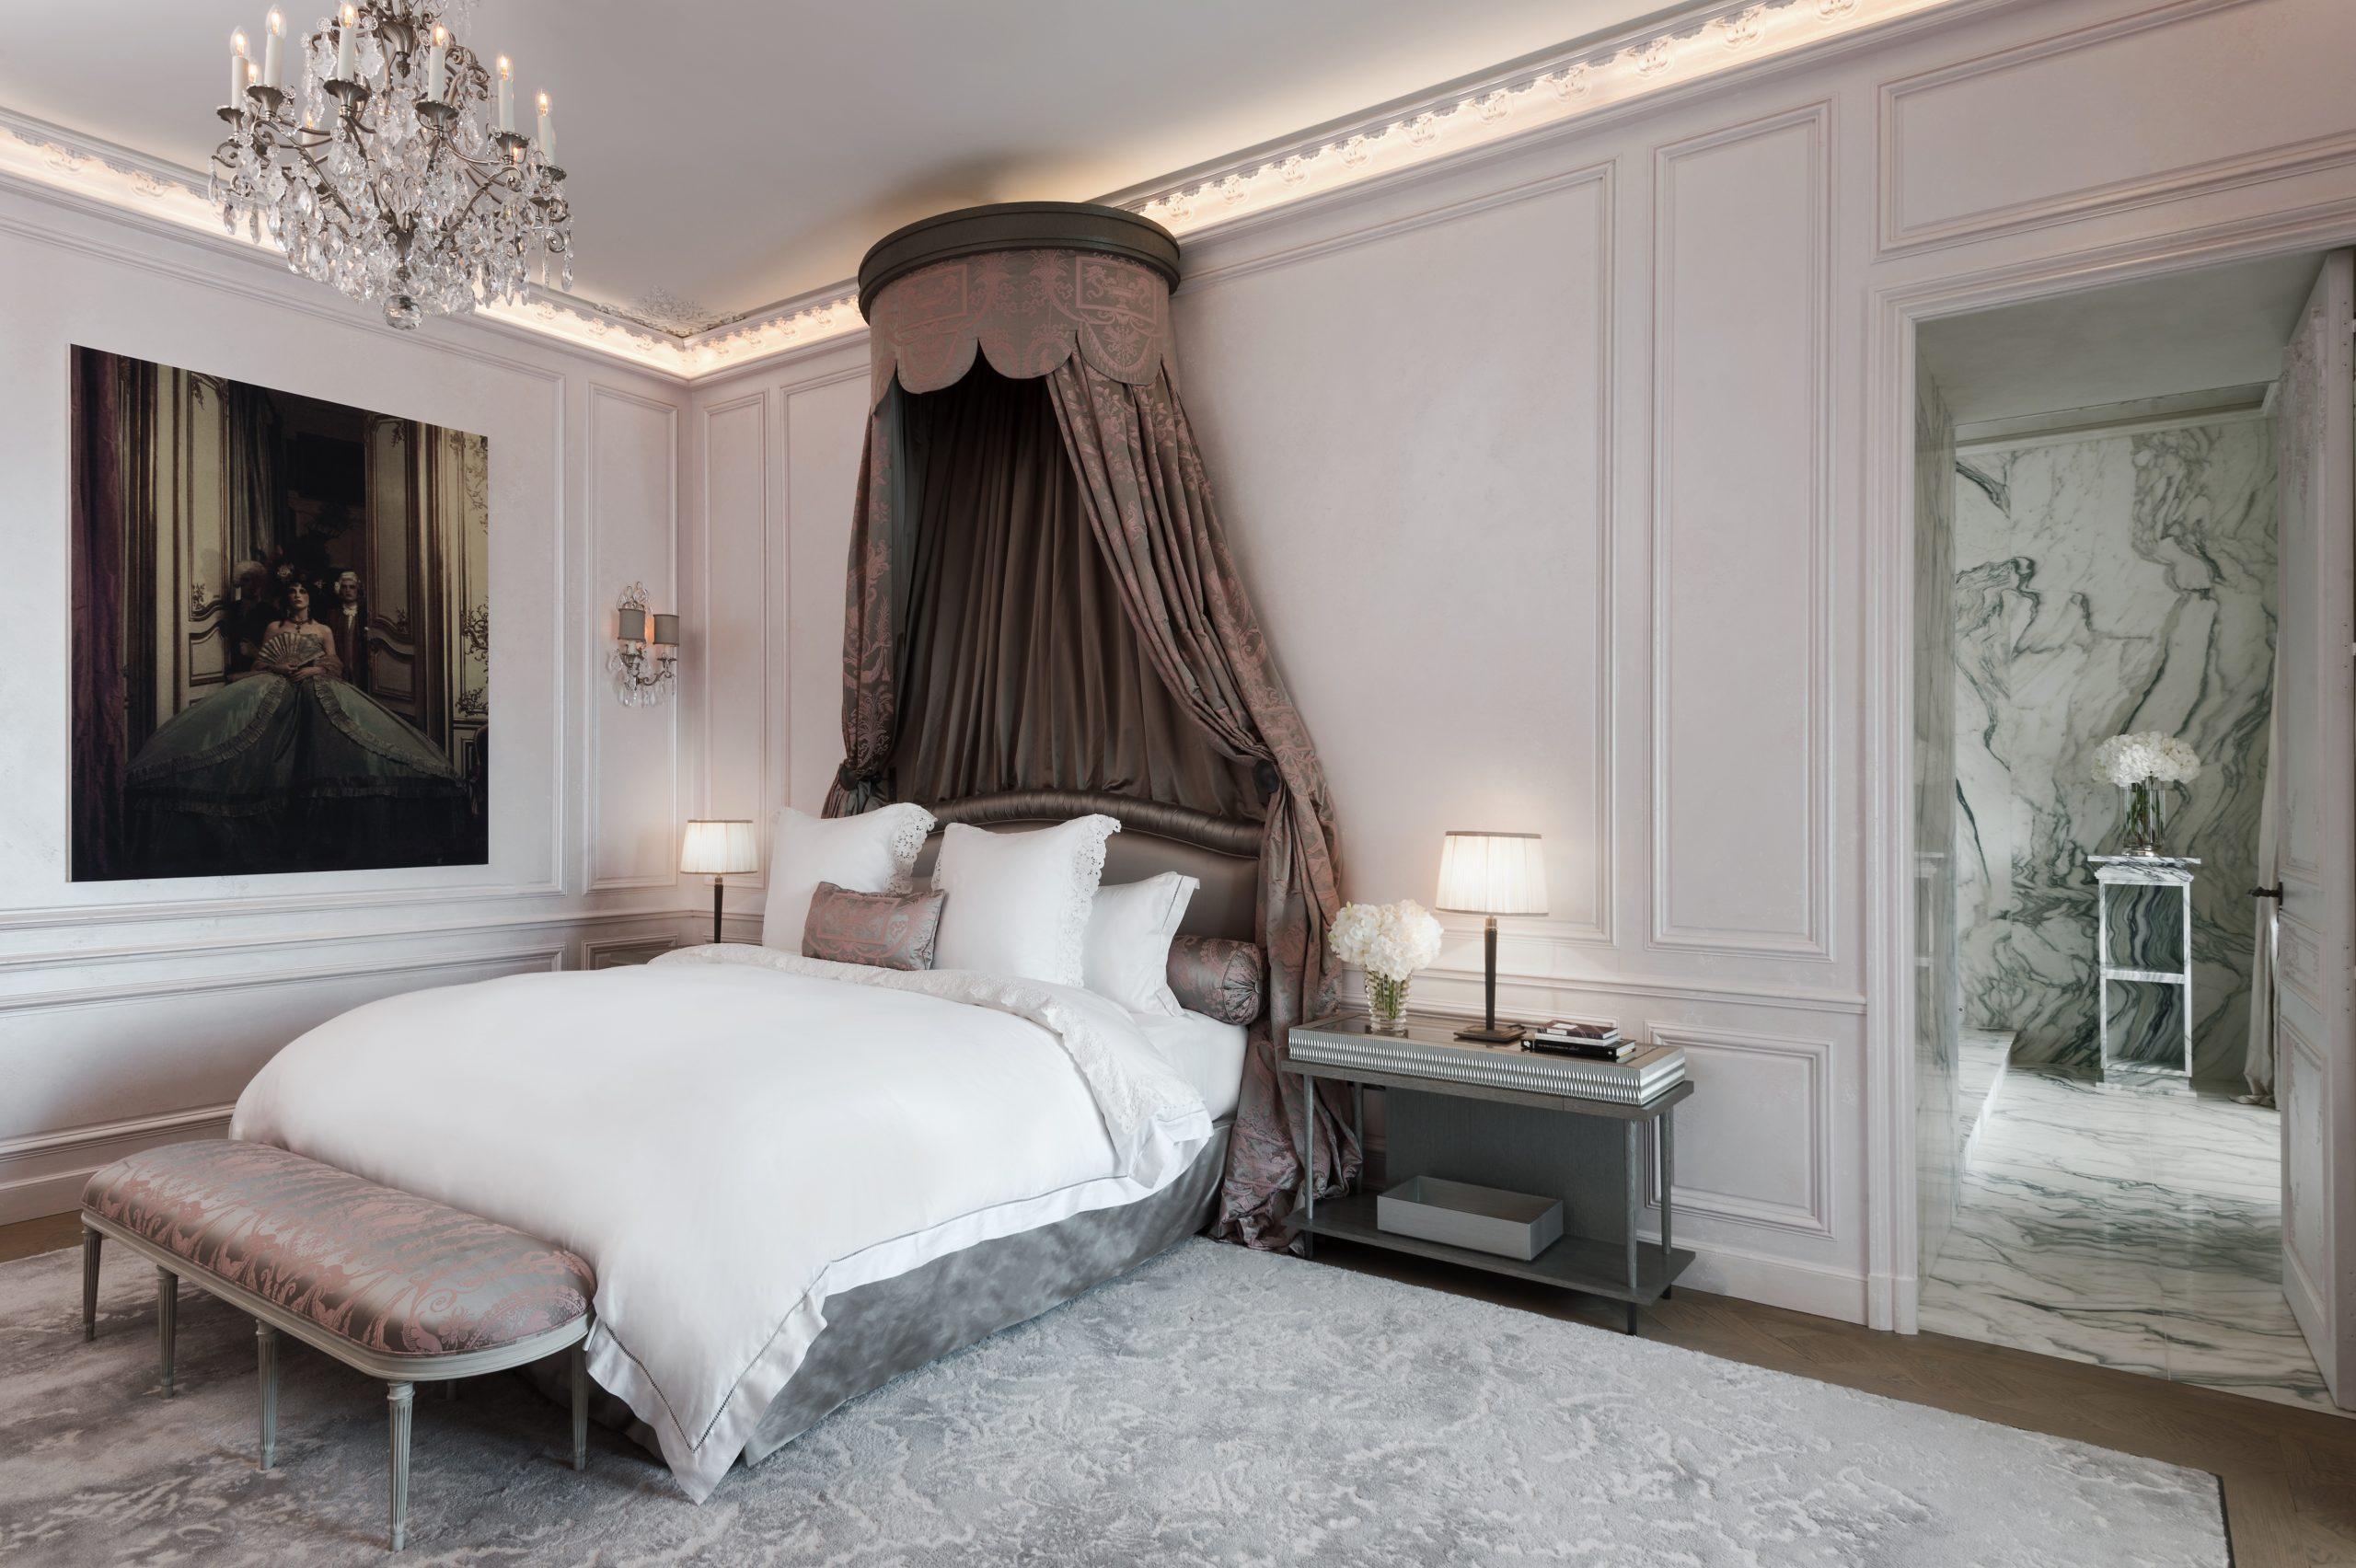 Le top 10 des chambres où l'on rêverait d'être confiné